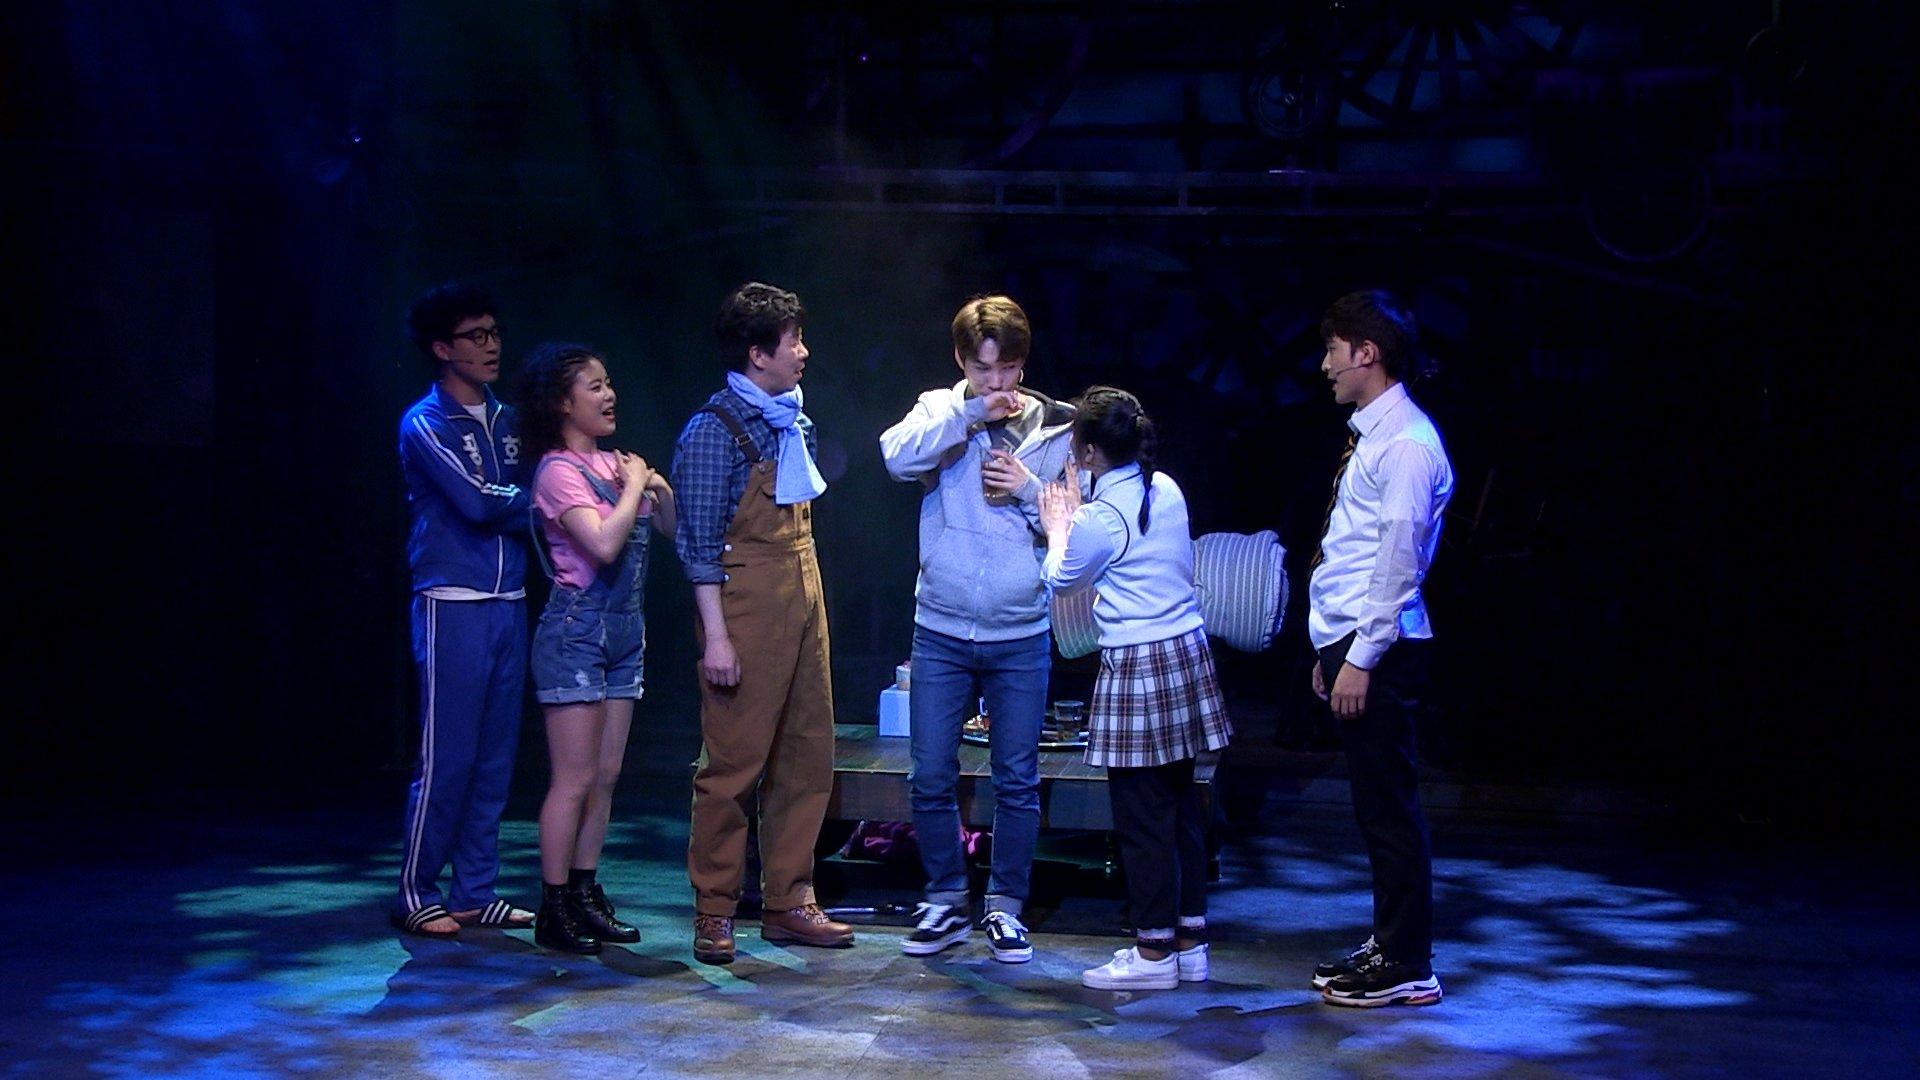 '무한동력' 팅탱쏭 - 김바다, 안지환, 김태한, 김윤지, 정소리, 신재범